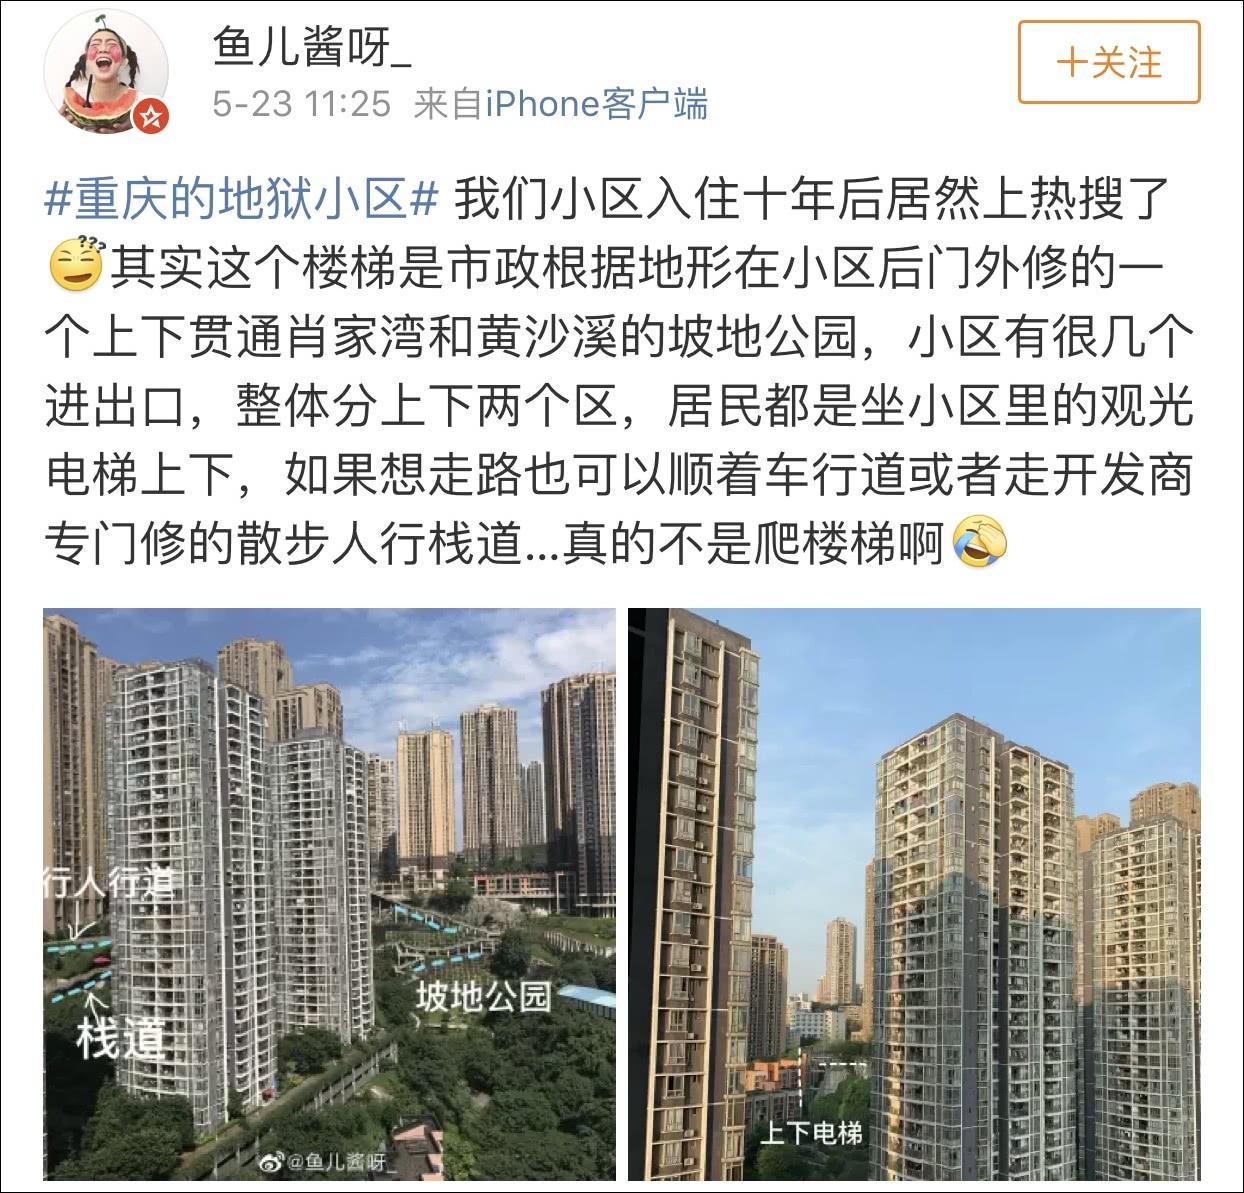 重庆的地狱小区具体地址在哪里?重庆的地狱小区是什么样的